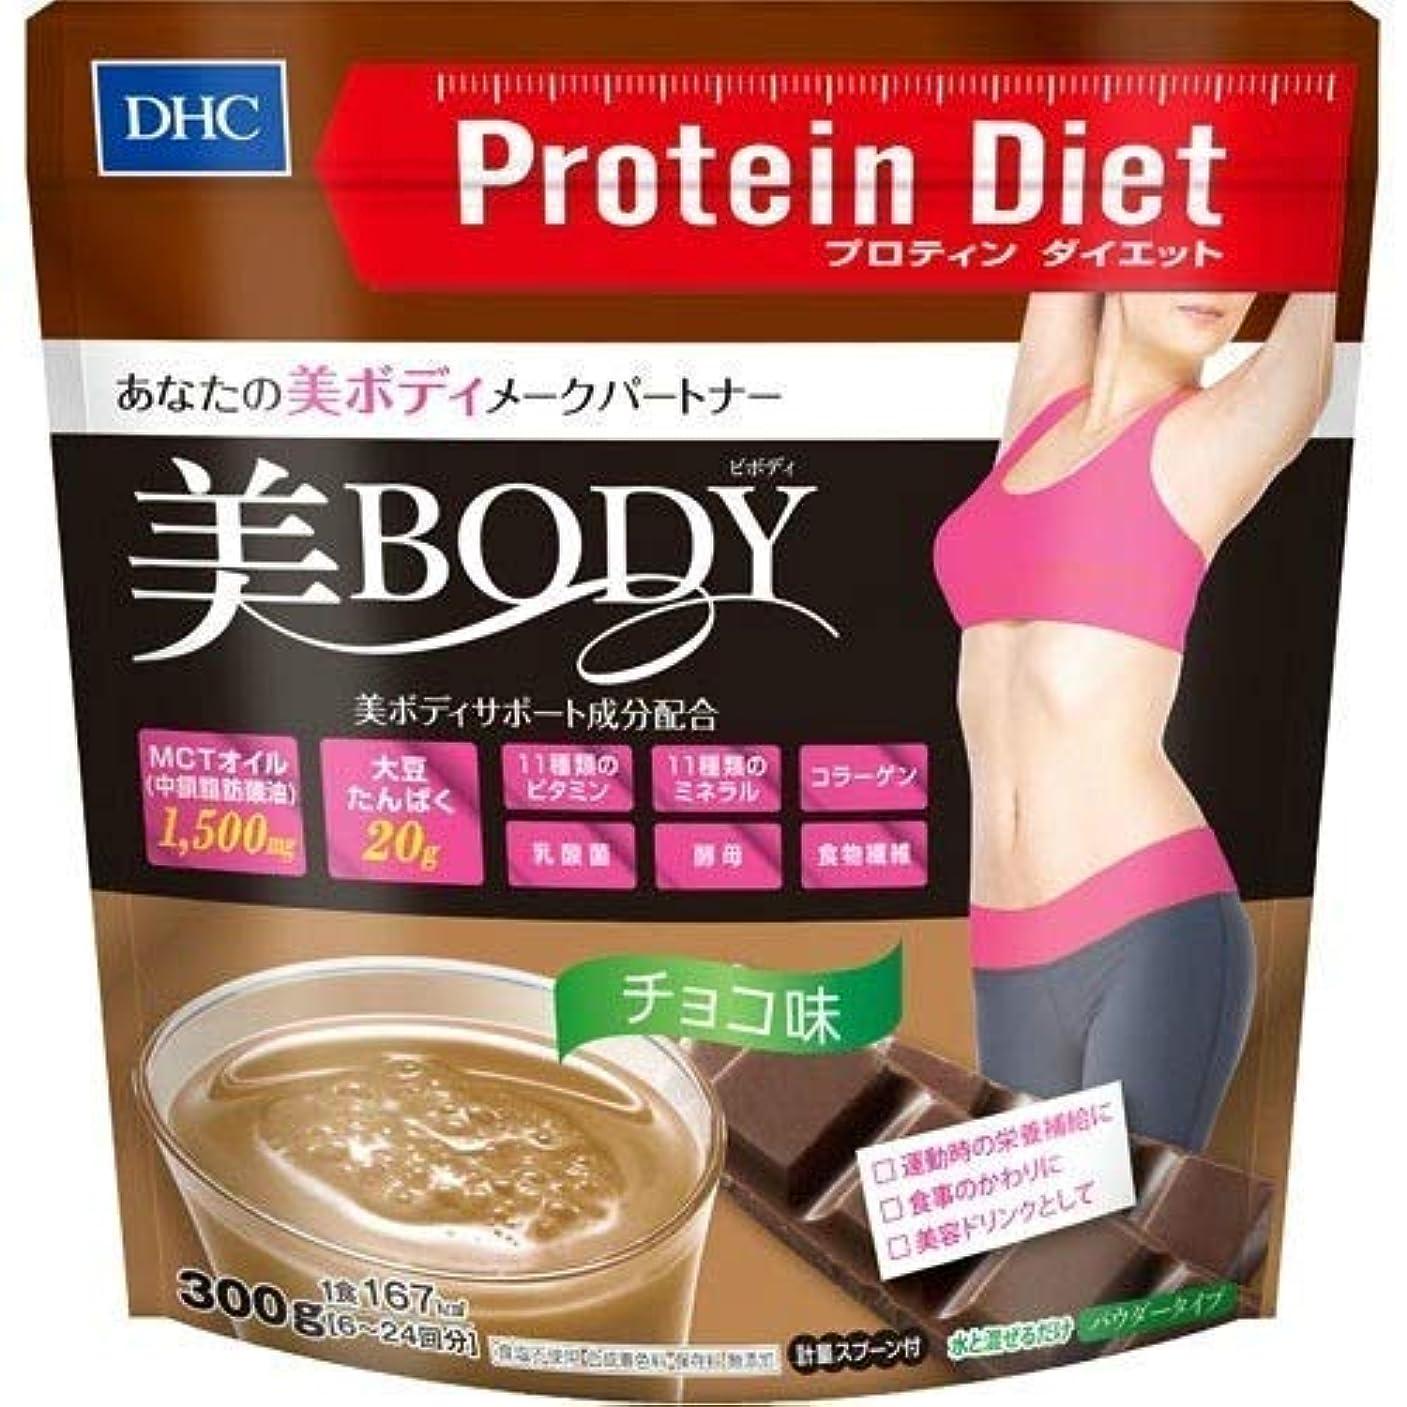 生じるエレガント注釈DHC プロテインダイエット 美Body チョコ味 300g×2個